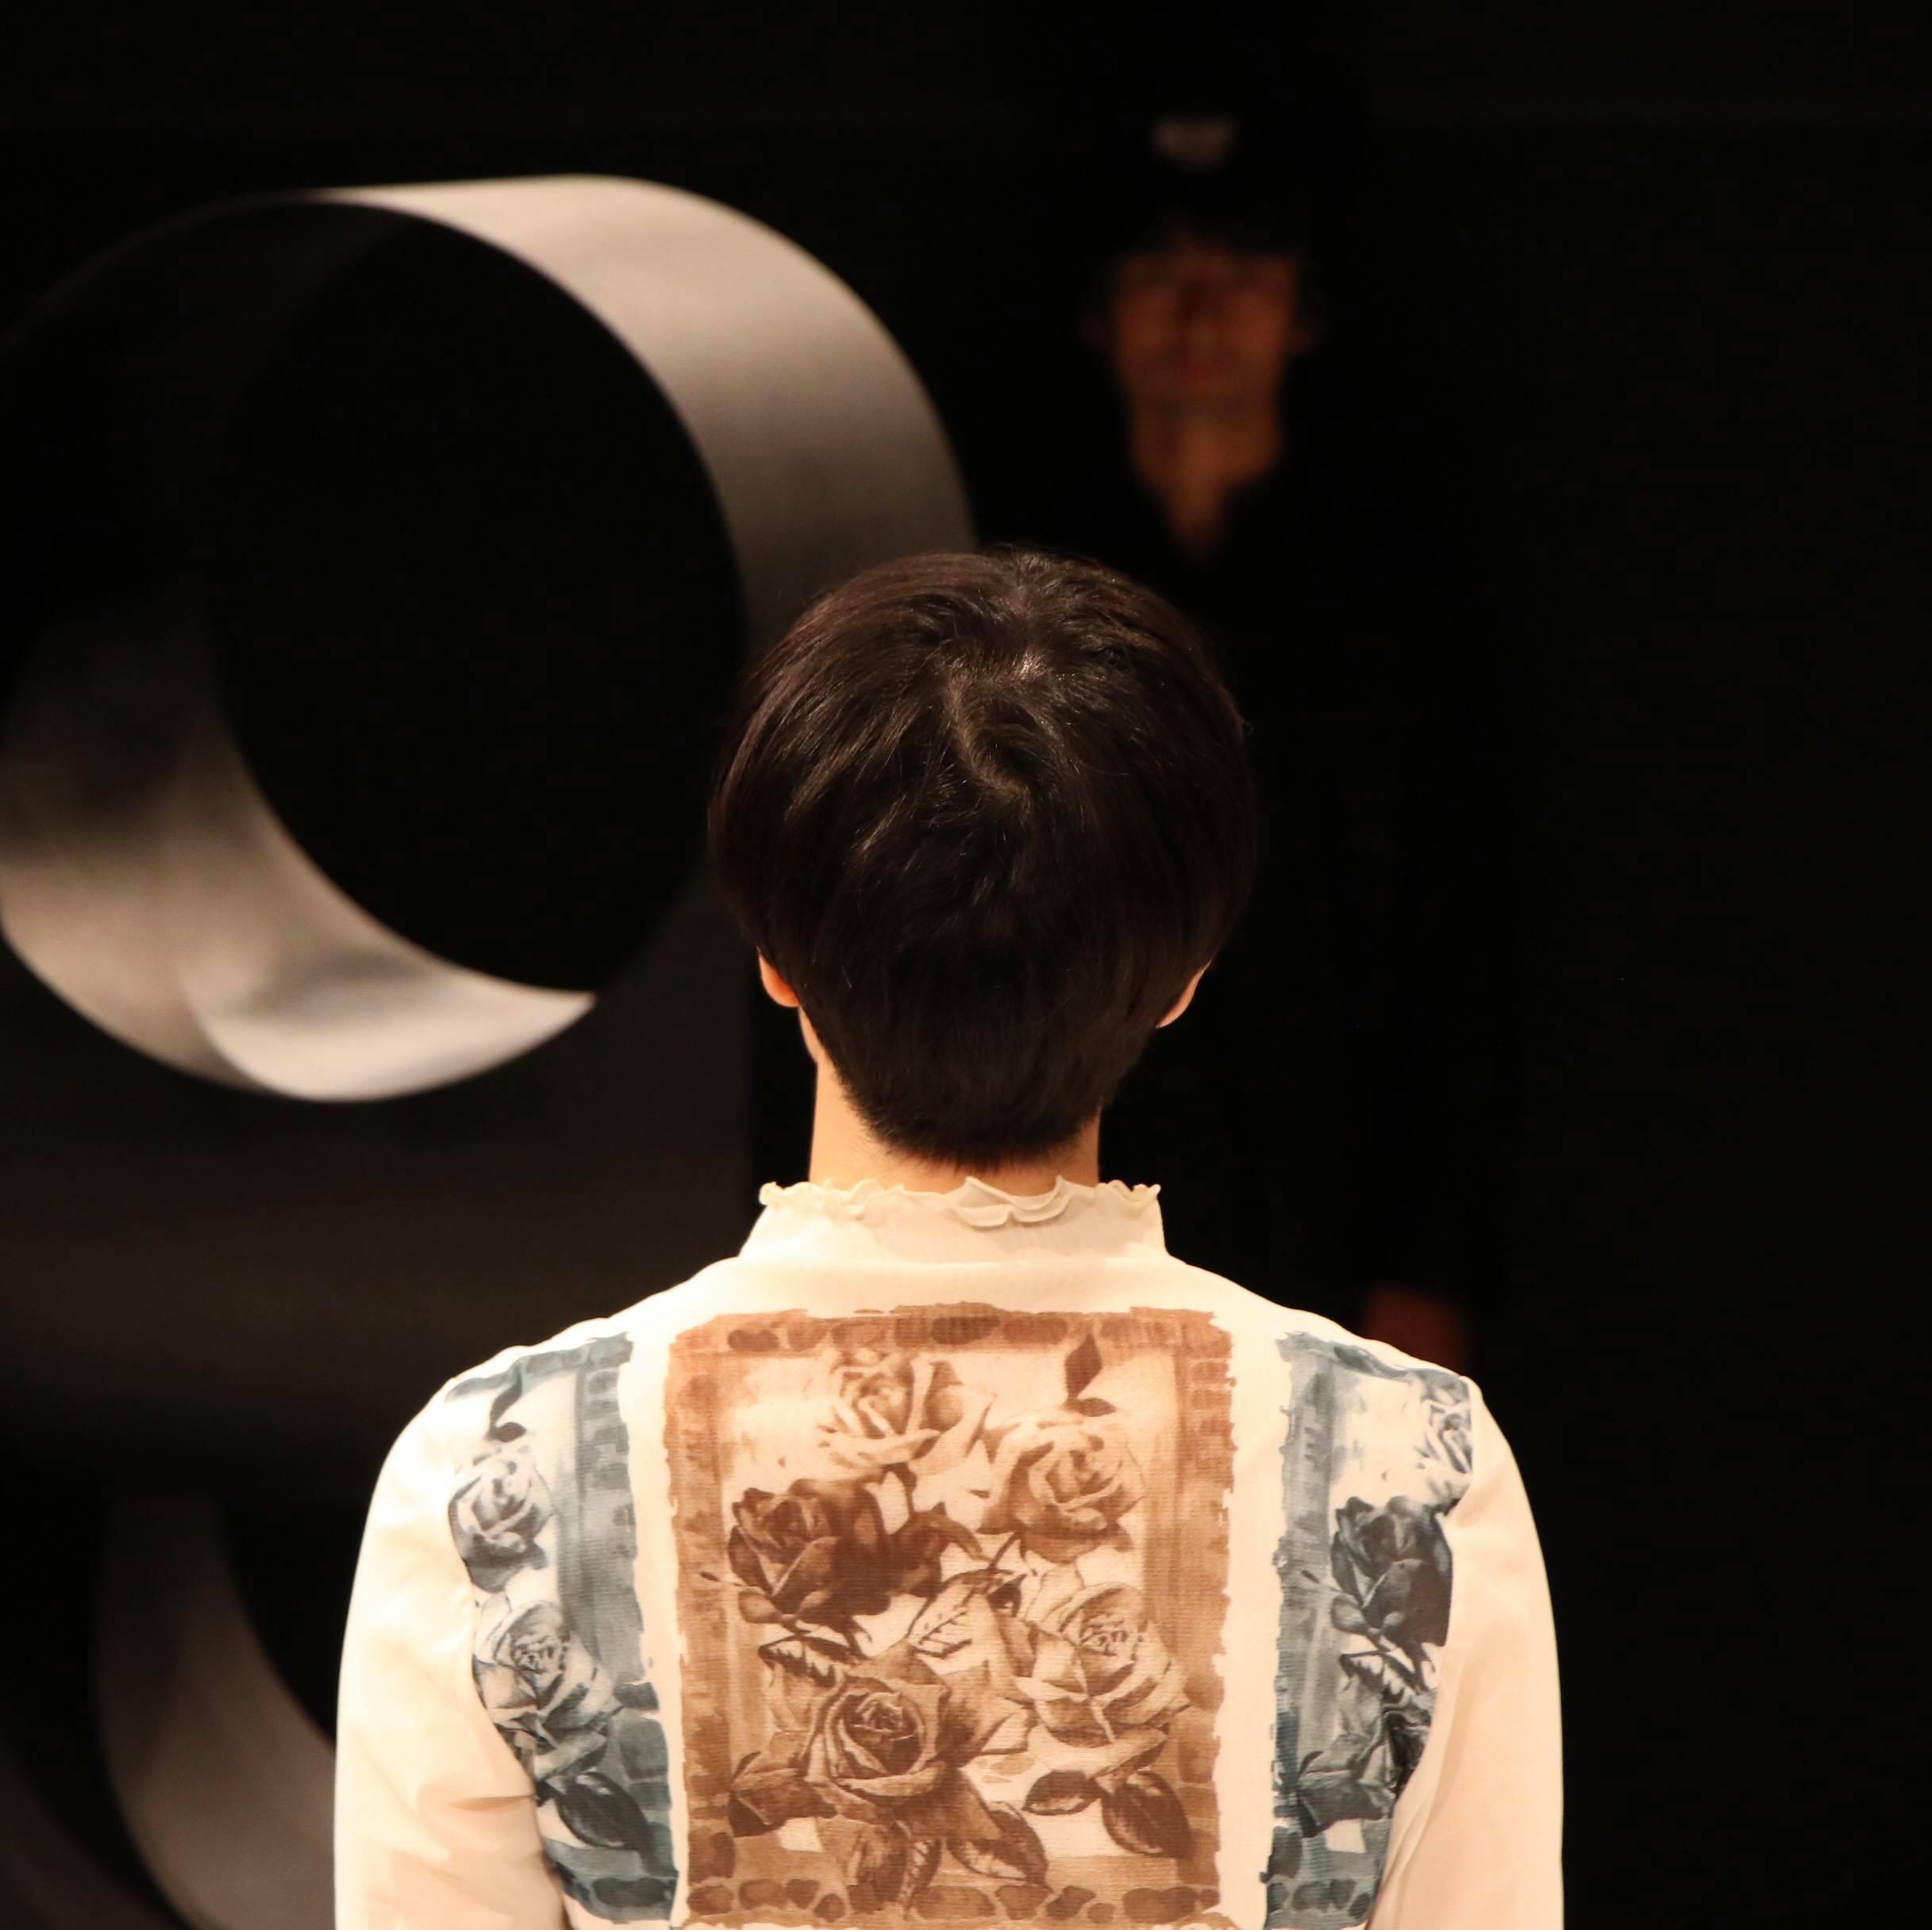 古舘 壮真さん、こまばアゴラ劇場上演作品にて舞台美術を担当!